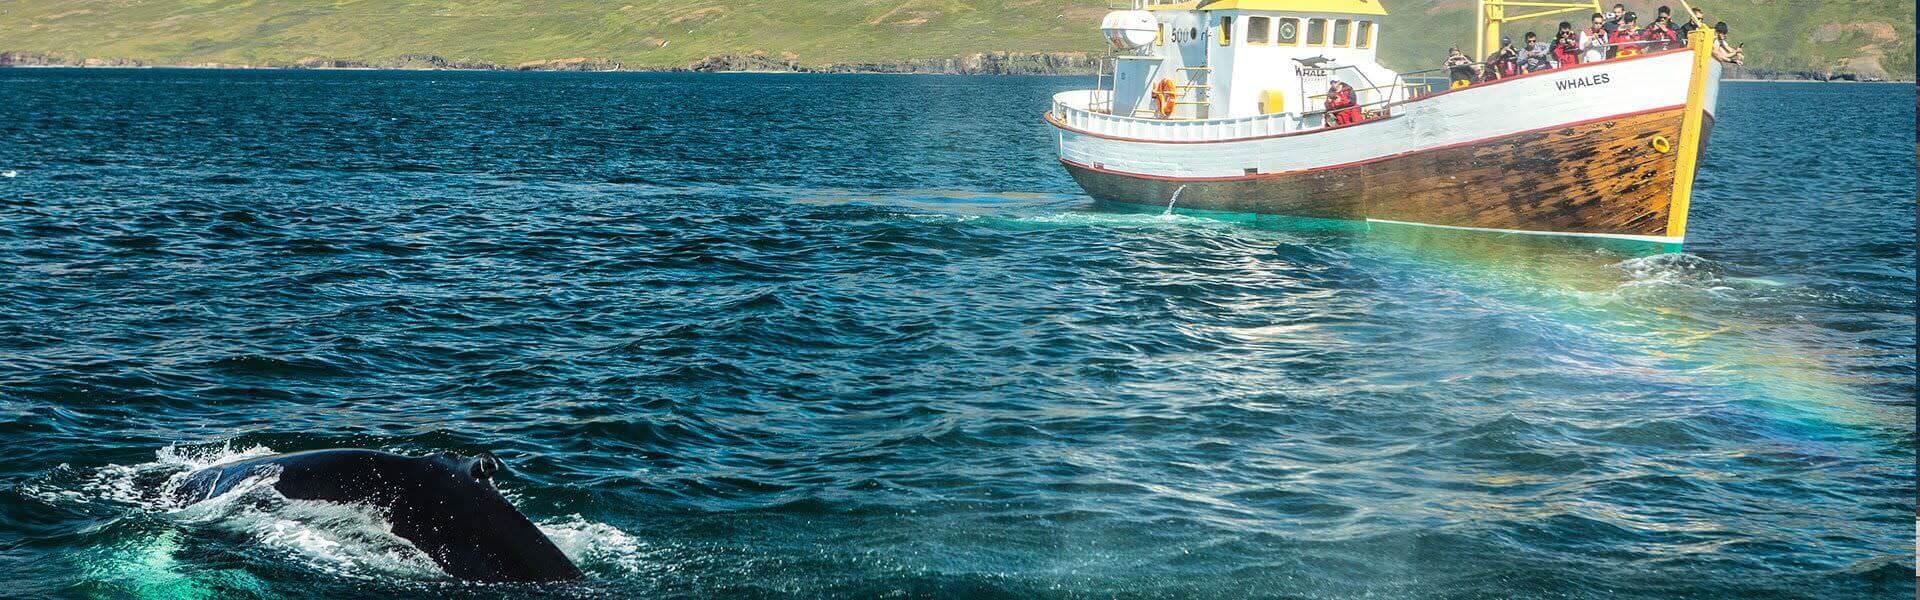 Wale beobachten auf der Firmenreise nach Island